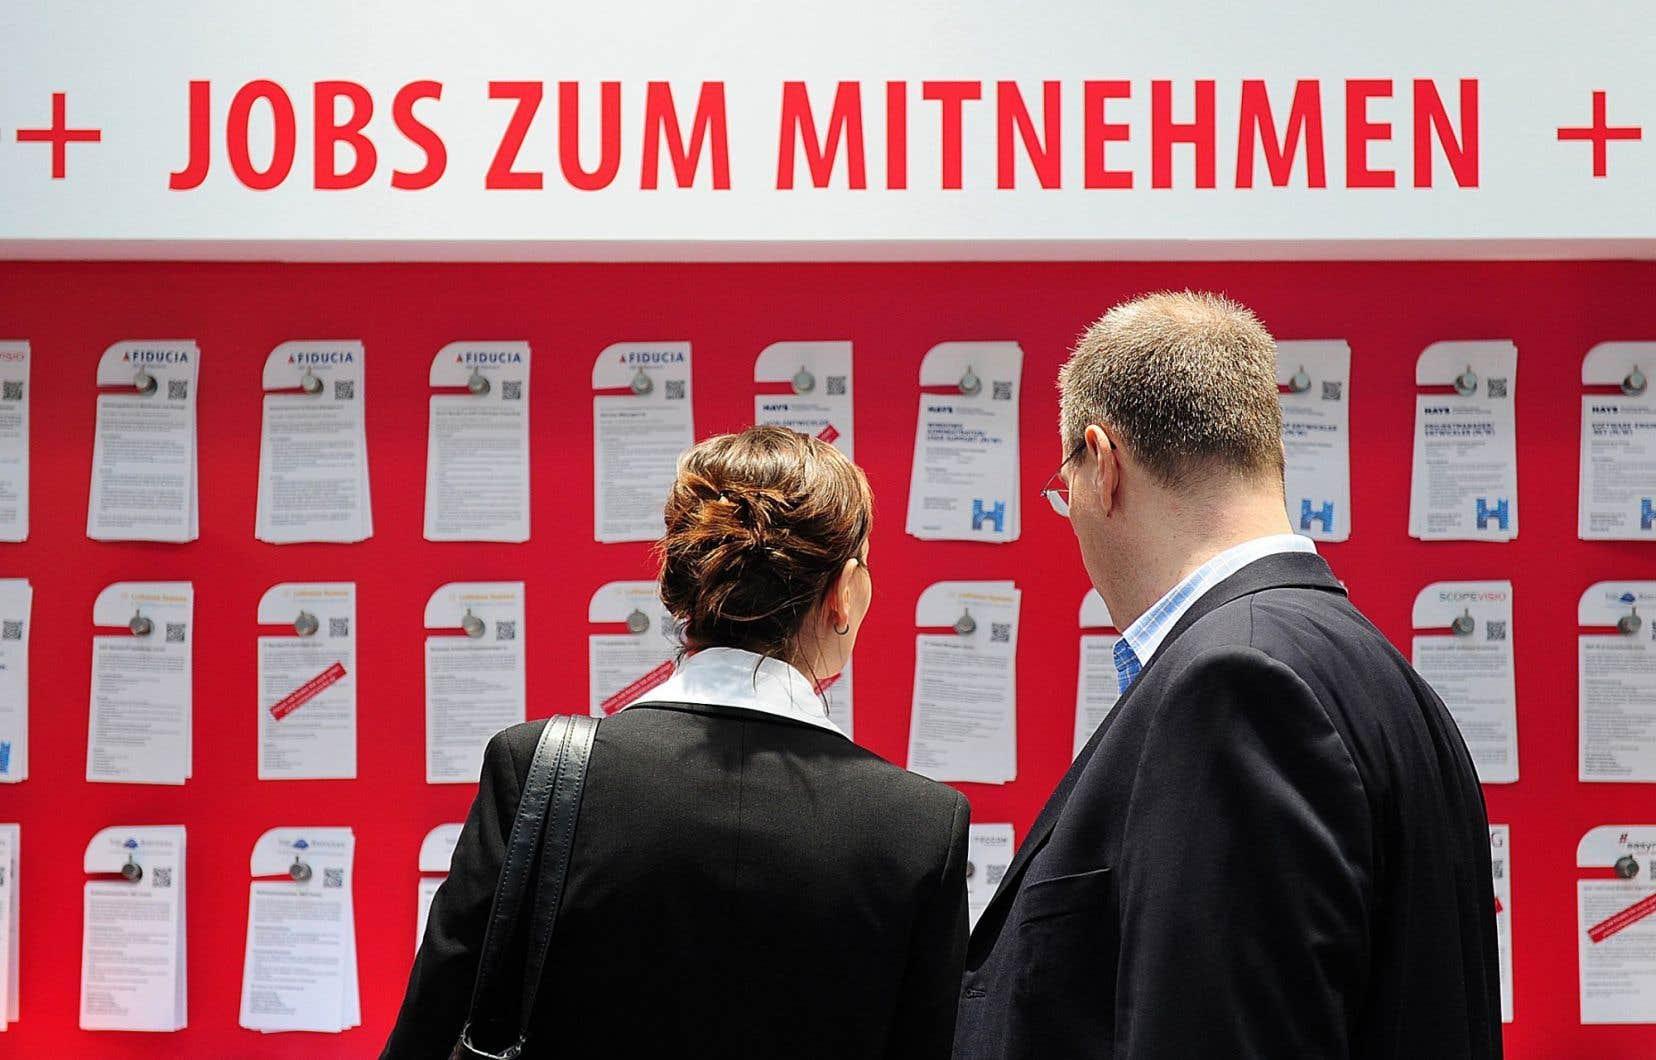 Les taux de chômage les plus faibles en mai ont été enregistrés à Malte (4,1%) et en Allemagne (4,2%).